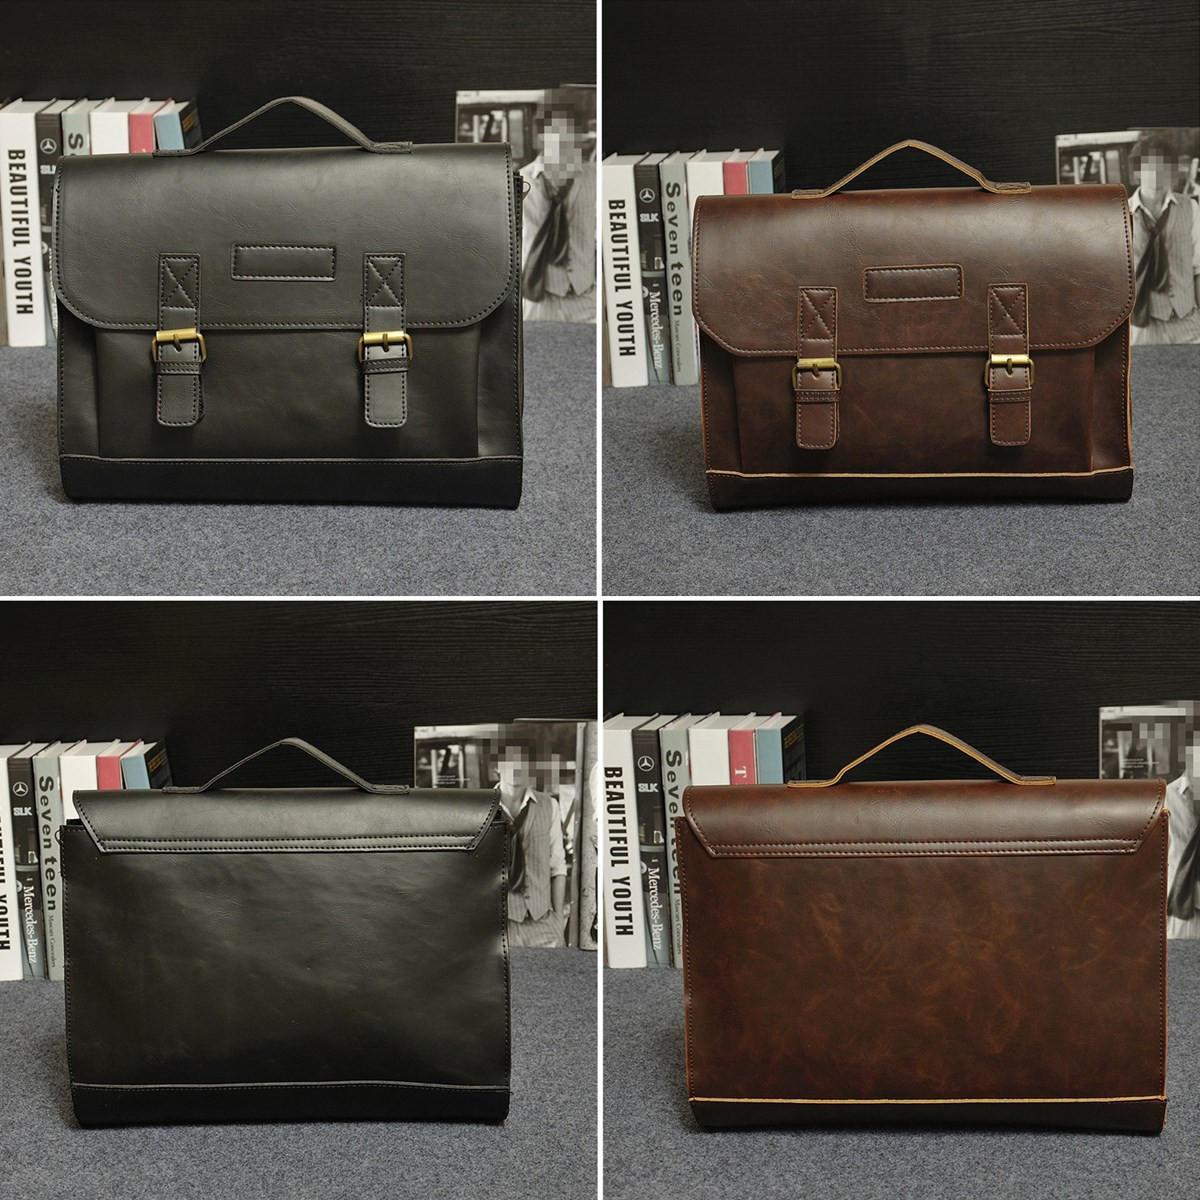 レトロメンズバッグPUレザーメンズハンドバッグカジュアルビジネスラップトップバッグメッセンジャーバッグオフィスバッグ